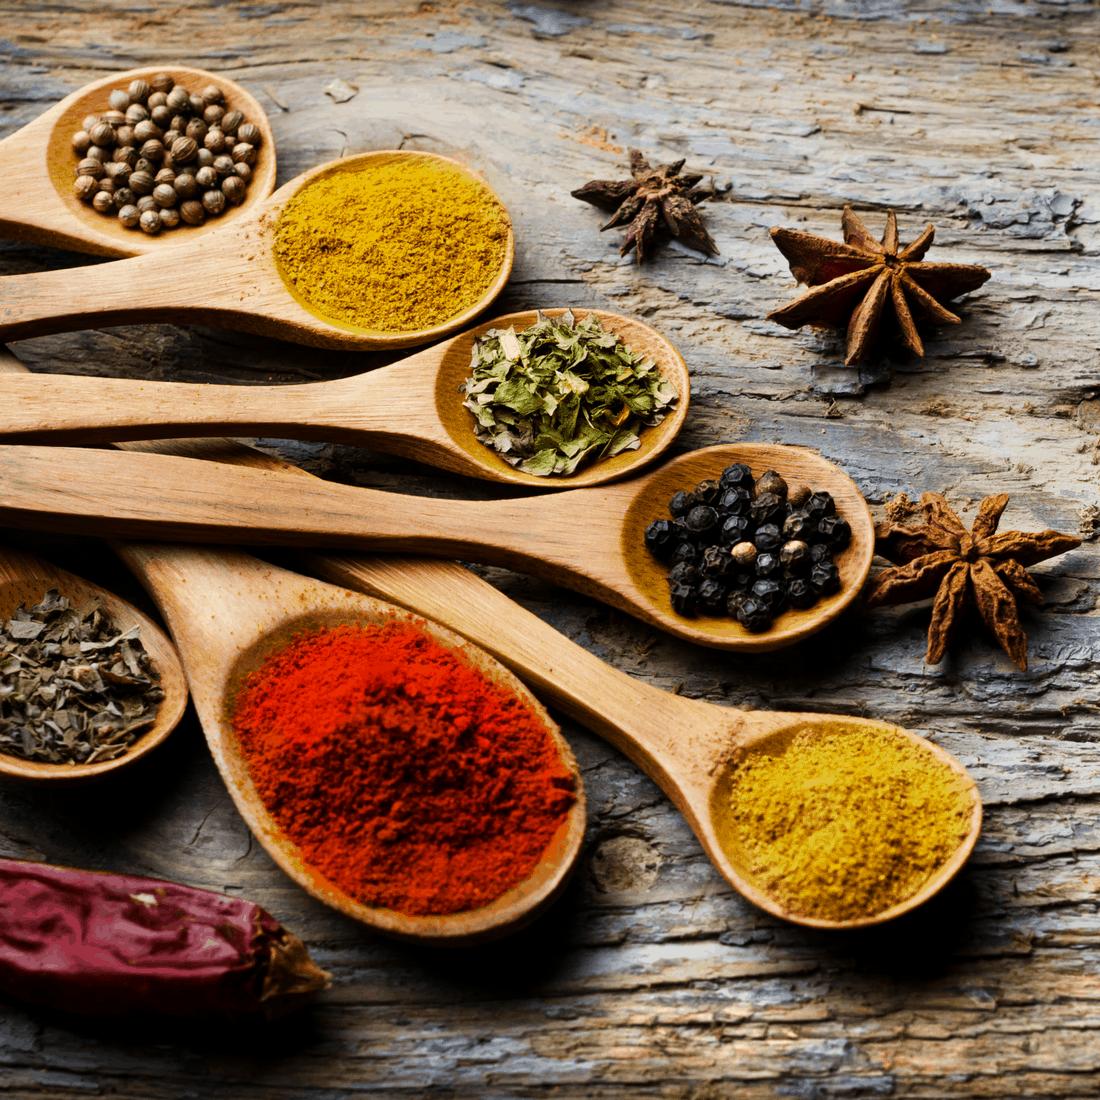 Make Your Own Healthy Seasonings